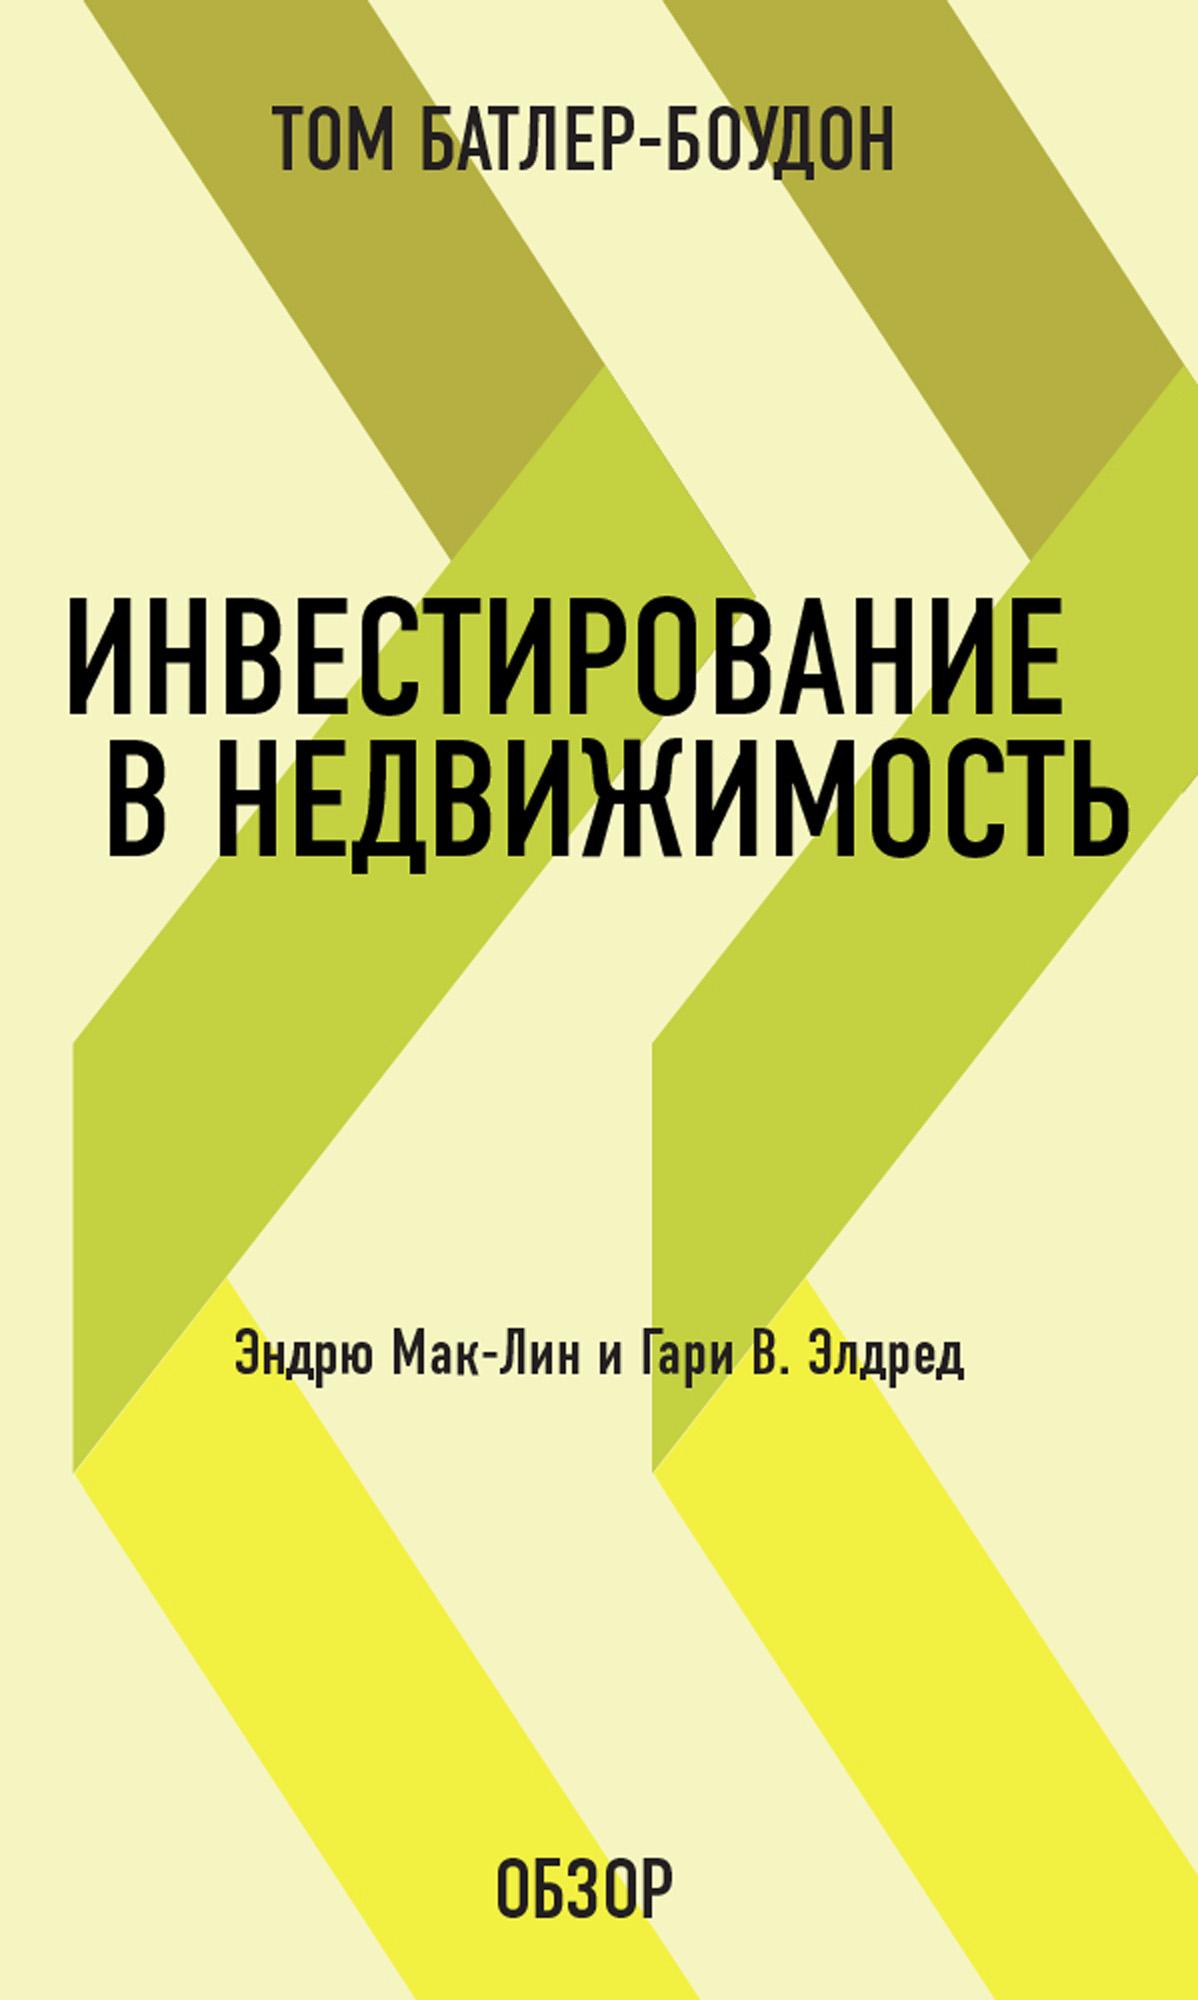 Книга о том как правильно инвестировать кредит взять в городе белореченске